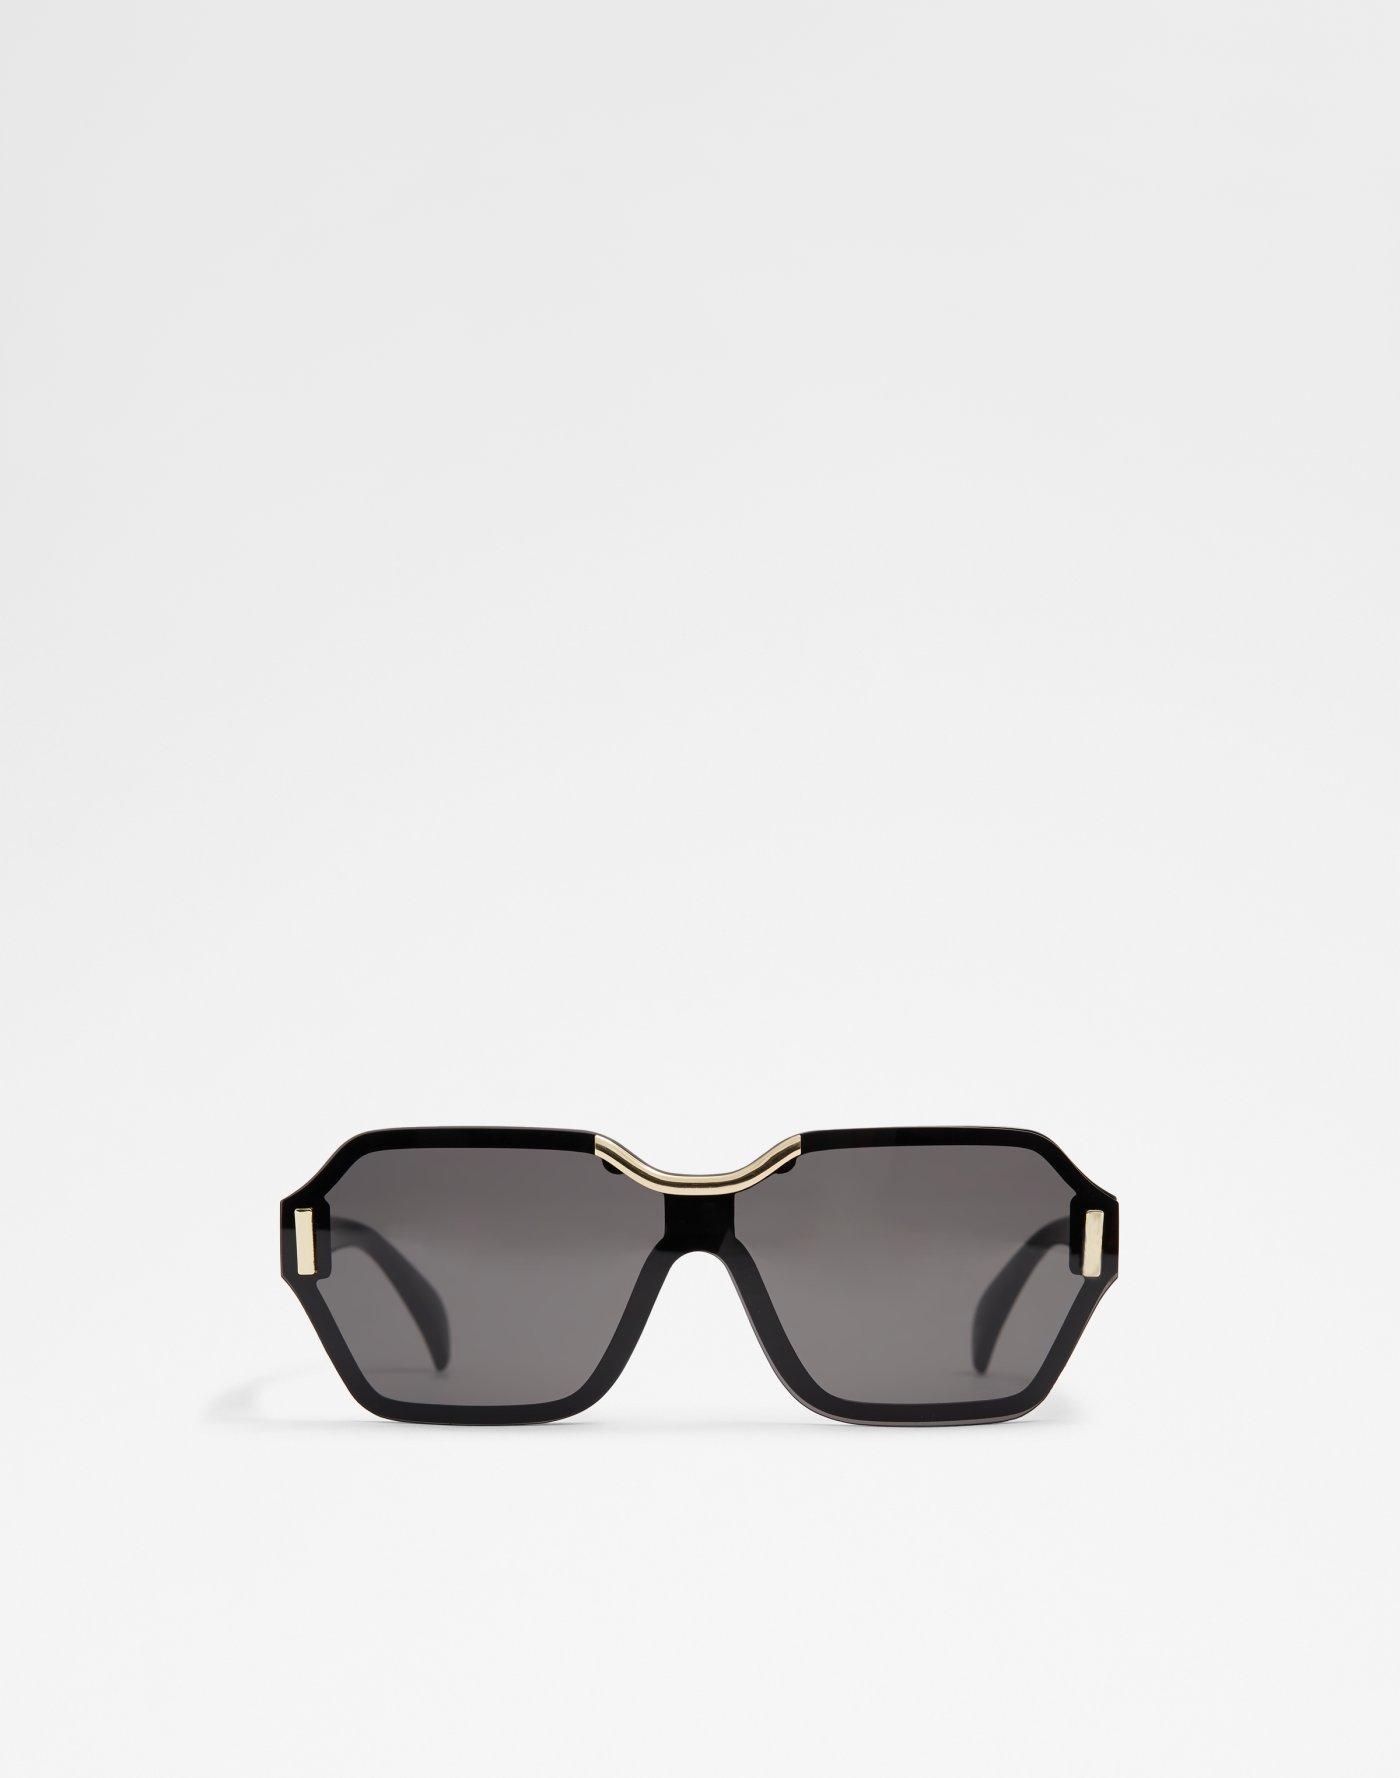 e86e09cf7248 Sunglasses | Aldoshoes.com US